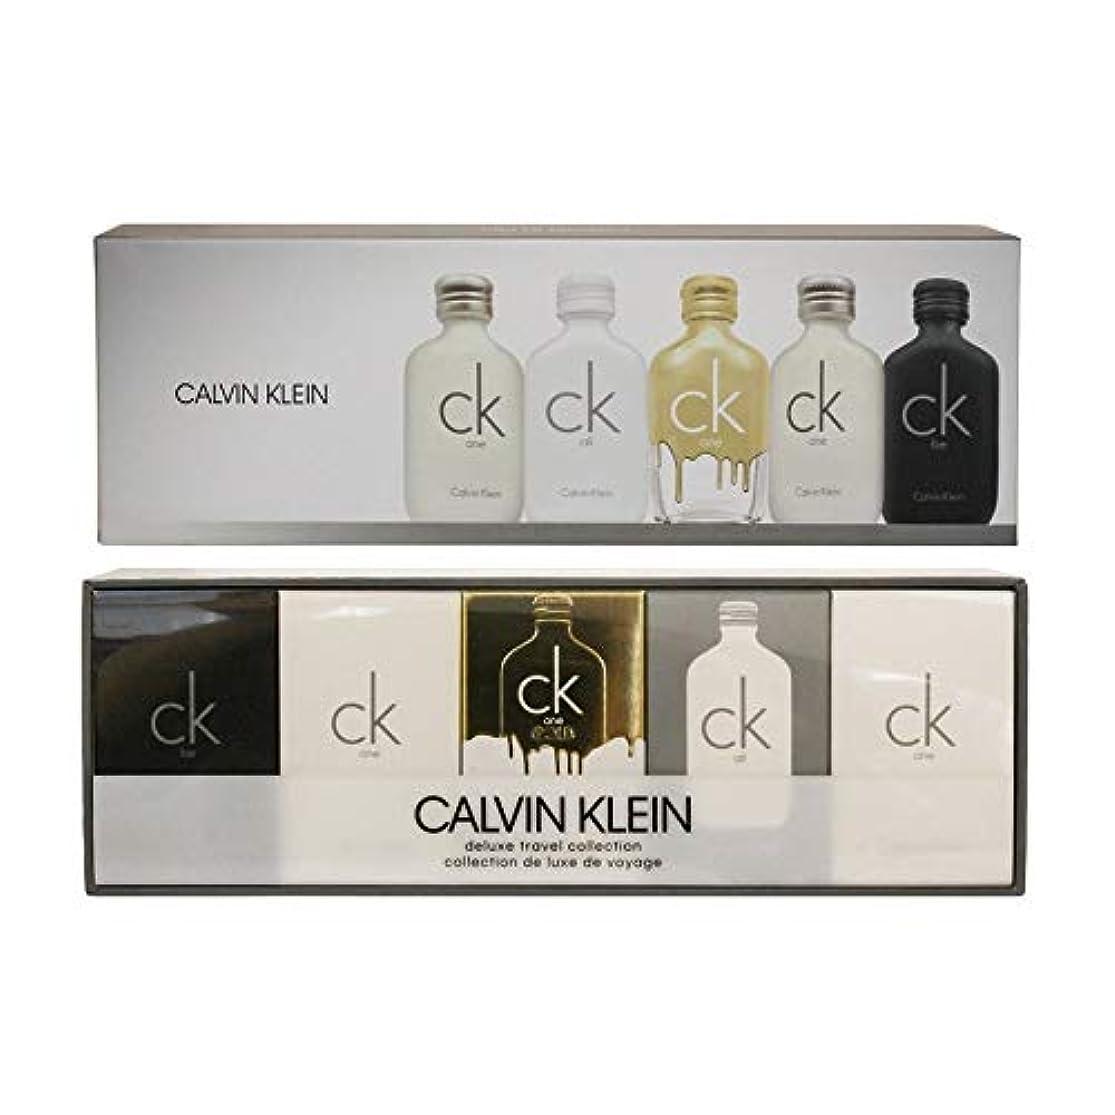 晩餐松がっかりするカルバン クライン CALVIN KLEIN ck シーケー デラックス トラベル コレクション ミニチュア ギフトセット 10ml×5本